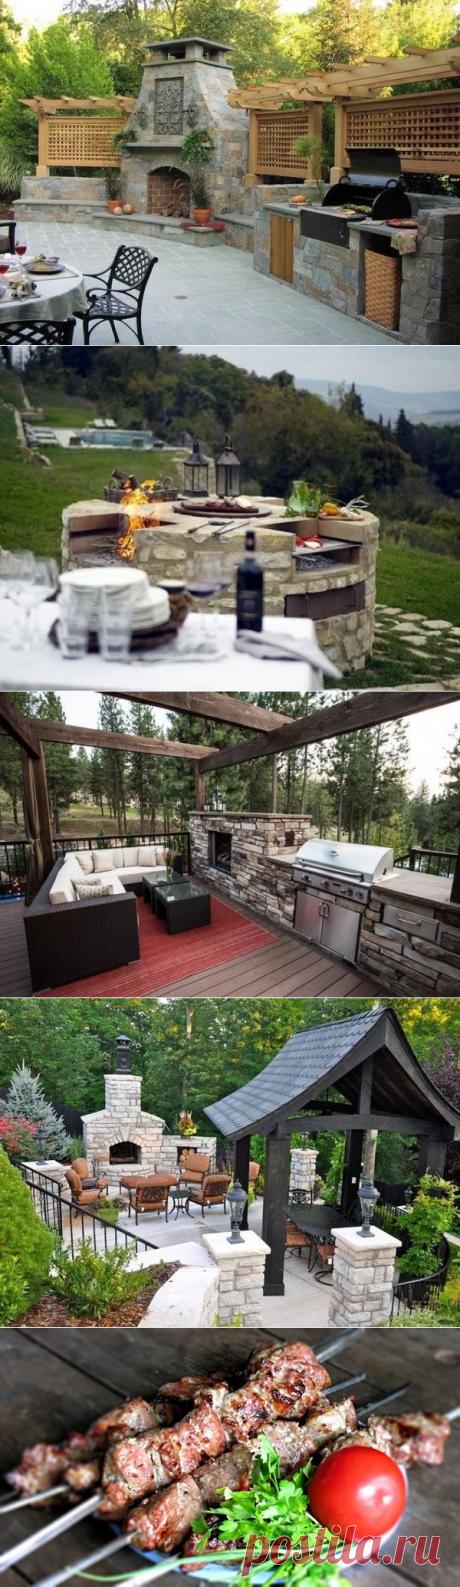 Arreglamos el lugar para la parillada: los consejos de la foto + 3 recetas de la marinada para el shashlik sabroso   el Blog elisheva.ru